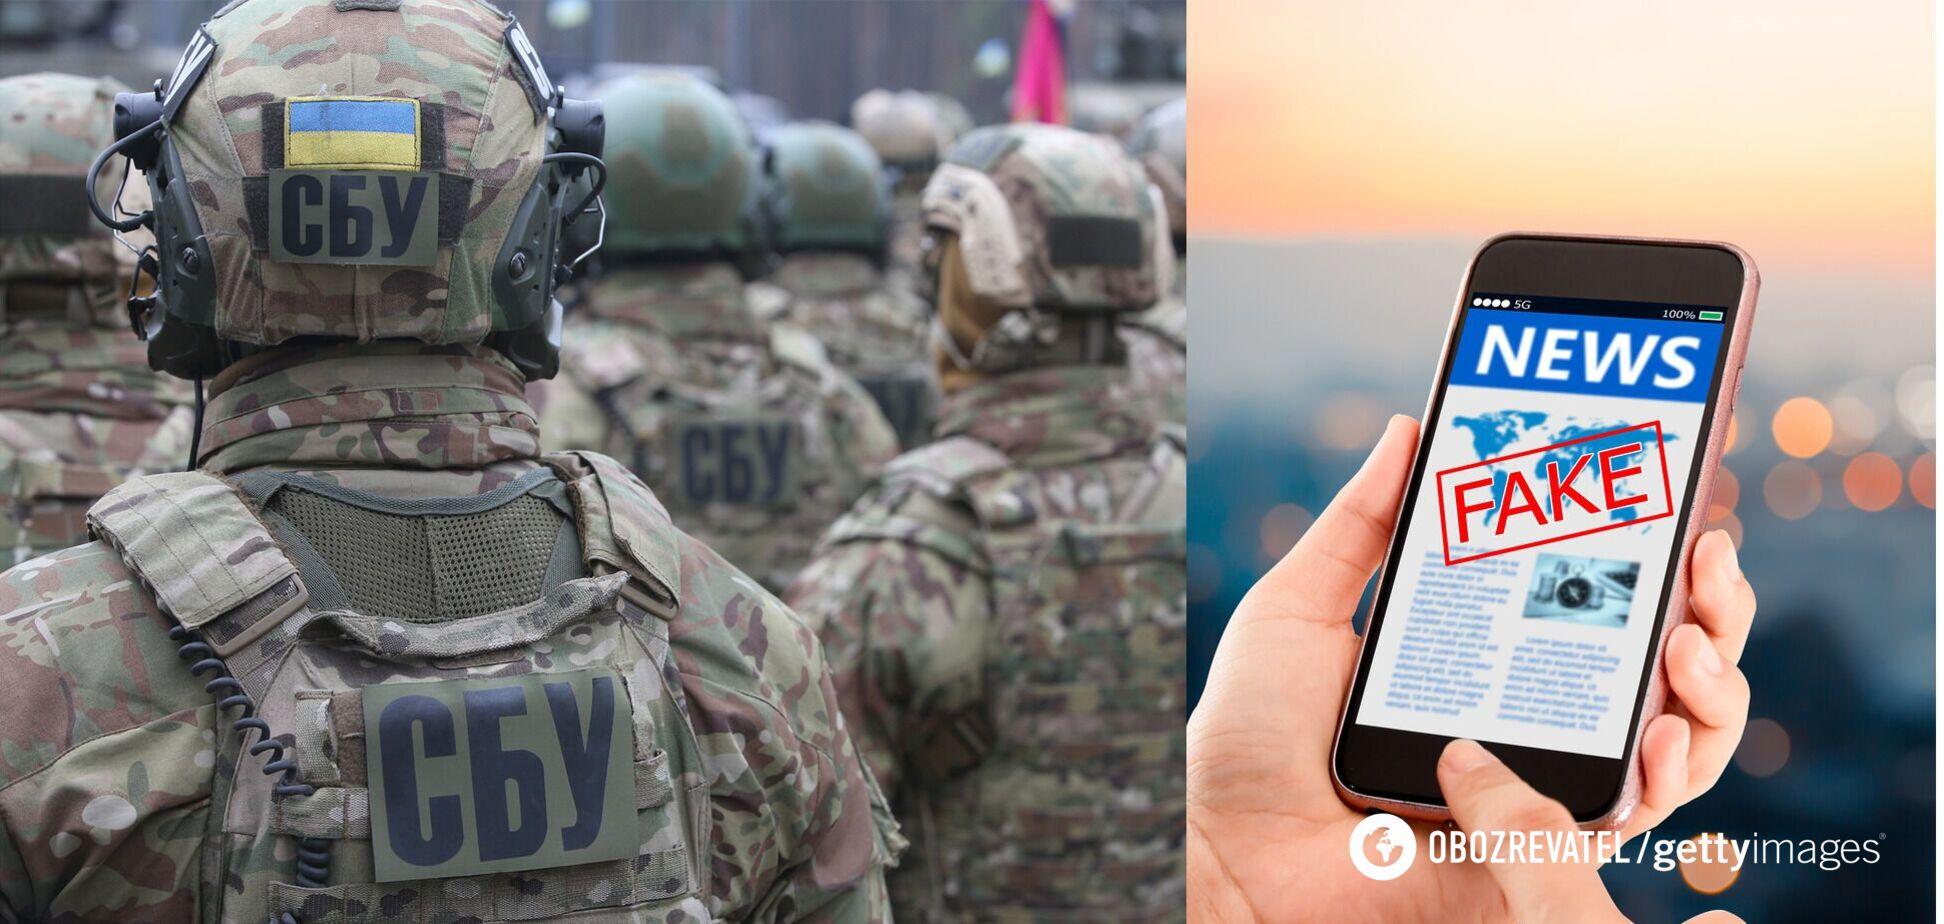 СБУ накрила мережу 'першотравневих' агітаторів: закликали до захоплення влади і в лави 'Л/ДНР'